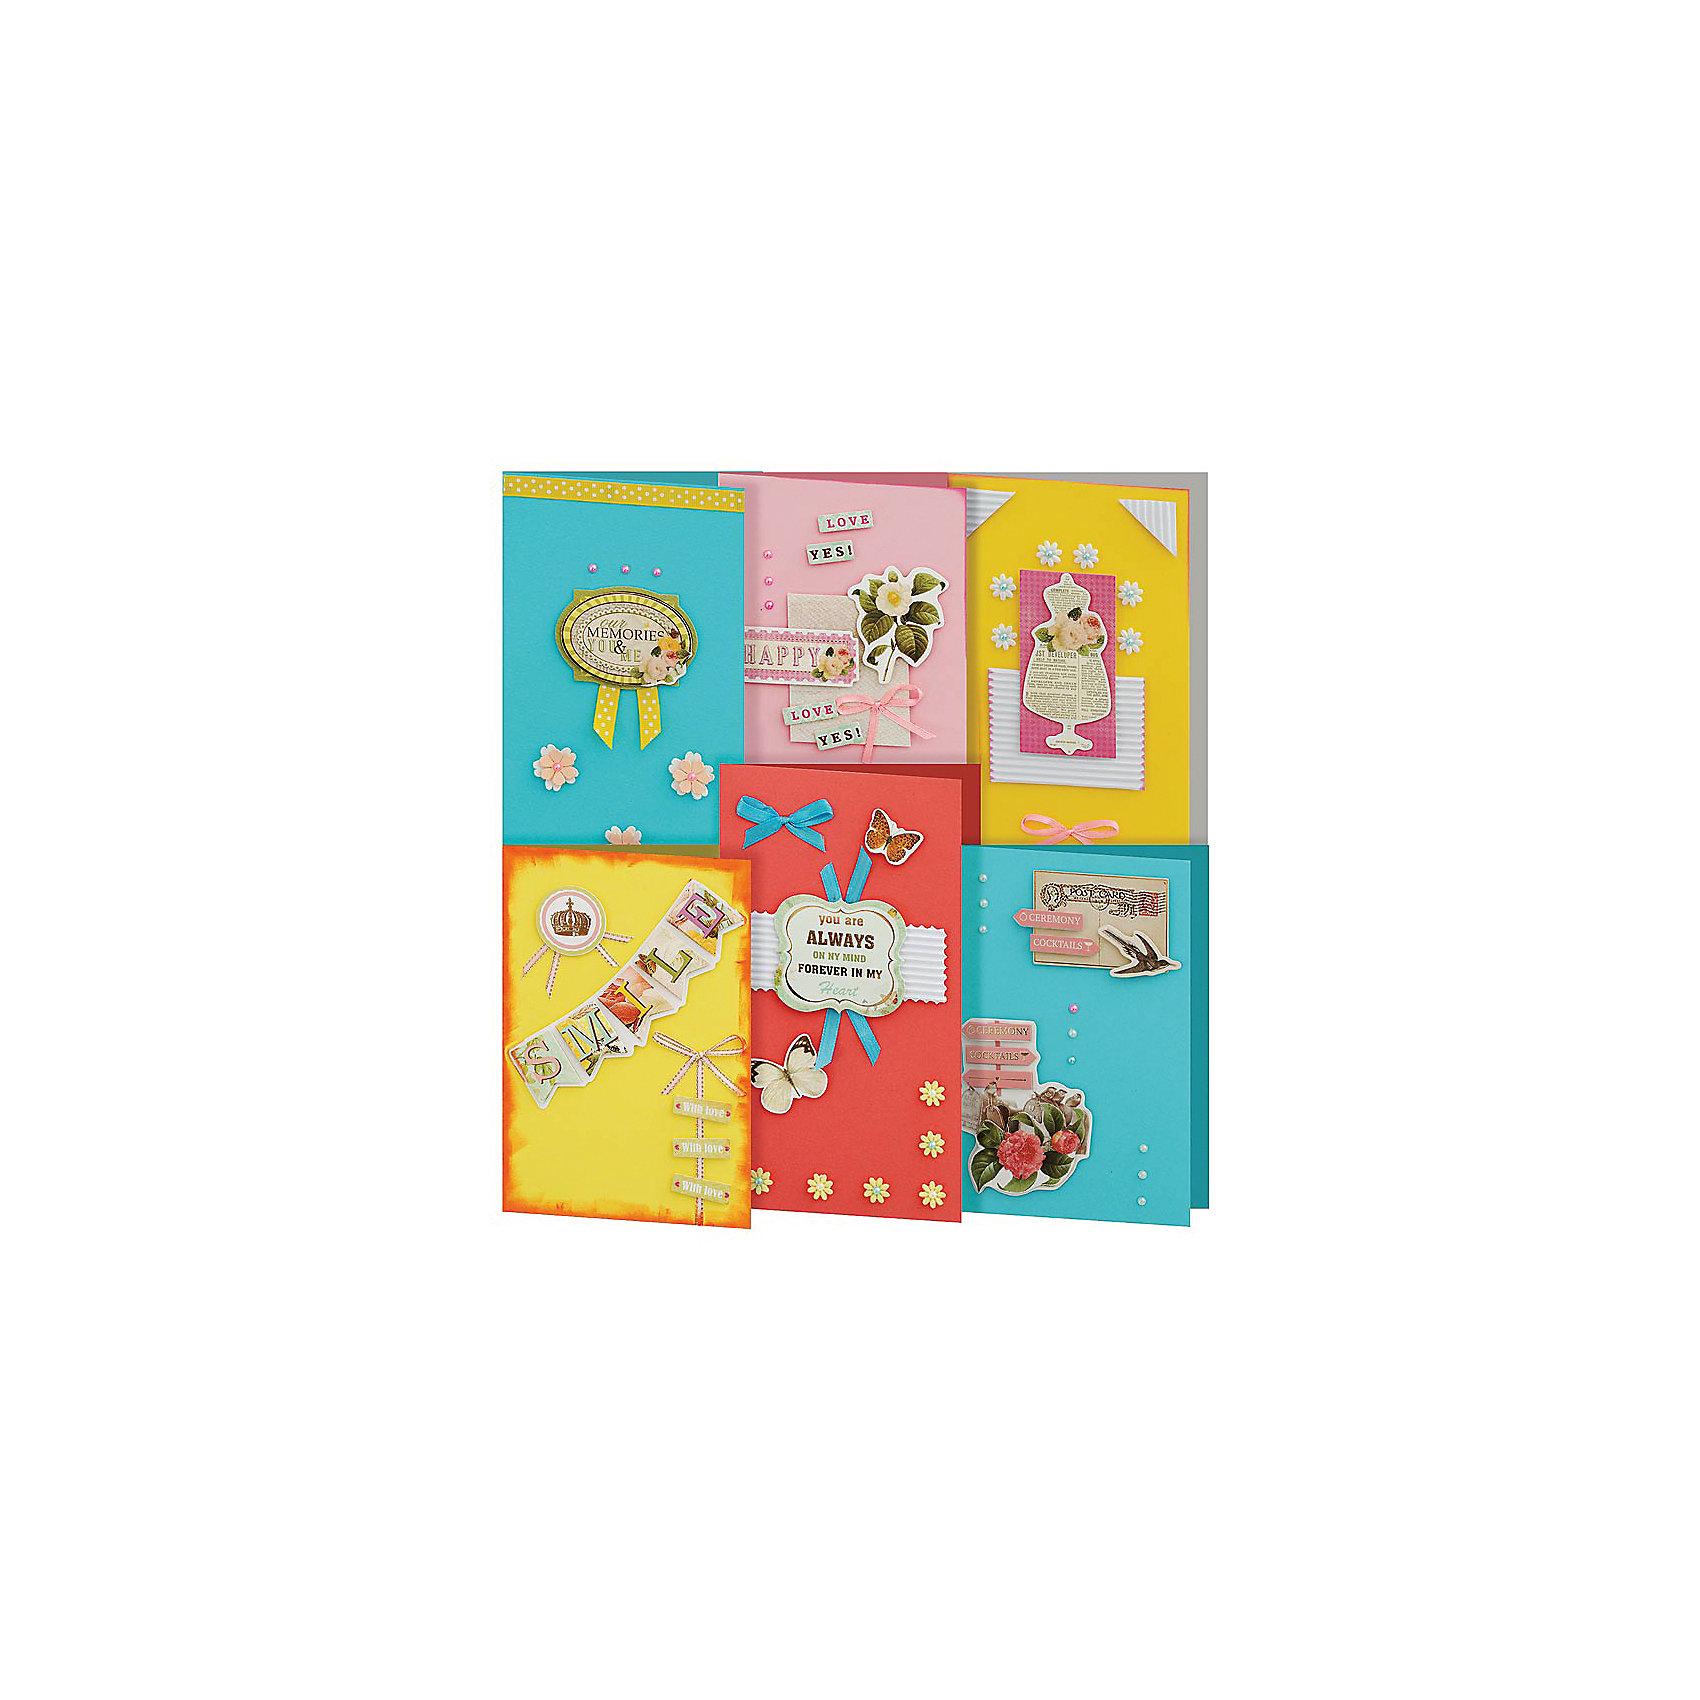 Скрапбукинг-набор для создания 6-ти открыток ПринцессаСкрапбукинг-набор для создания 6-ти открыток Принцесса, Белоснежка.<br><br>Характеристики:<br><br>• содержит всё необходимое для создания открытки. <br>• в комплекте: 6 основ для открытки, 6 конвертов, картон, клеевые подушечки, ленты, вырубка из бумаги, пайетки, стразы<br>• размер: 11,5х17 см<br><br>С помощью набора Принцесса Вы сможете сделать 6 ярких и стильных открыток своими руками. В наборе есть всё, что потребуется для творчества: основы для открыток, декоративные элементы и даже конверты. Вы можете воспользоваться подсказками на упаковке или проявить свою фантазию. Но, в любом случае, результат вас порадует!<br><br>Скрапбукинг-набор для создания 6-ти открыток Принцесса вы можете купить в нашем интернет-магазине.<br><br>Ширина мм: 270<br>Глубина мм: 150<br>Высота мм: 60<br>Вес г: 280<br>Возраст от месяцев: 72<br>Возраст до месяцев: 144<br>Пол: Женский<br>Возраст: Детский<br>SKU: 5089626